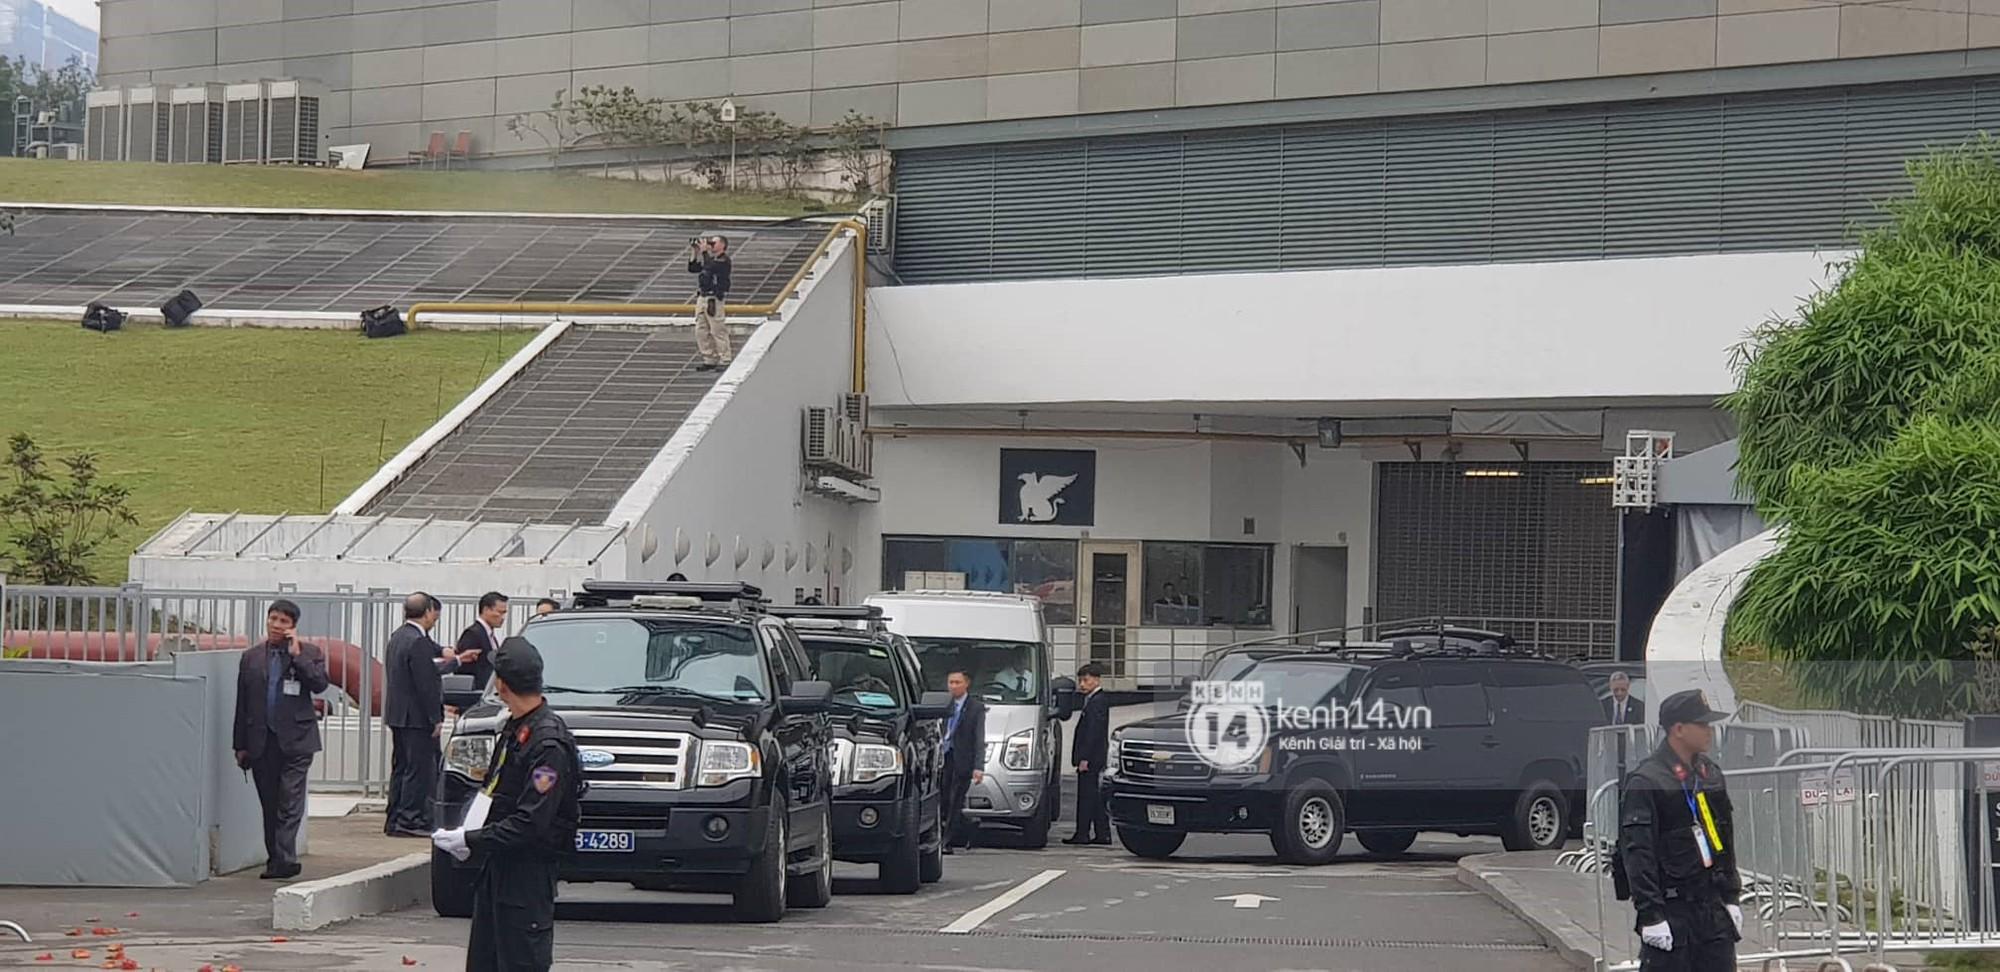 An ninh tại khách sạn Marriott được thắt chặt, TT Trump chuẩn bị lên đường gặp gỡ Tổng bí thư, Chủ tịch nước Nguyễn Phú Trọng - Ảnh 3.